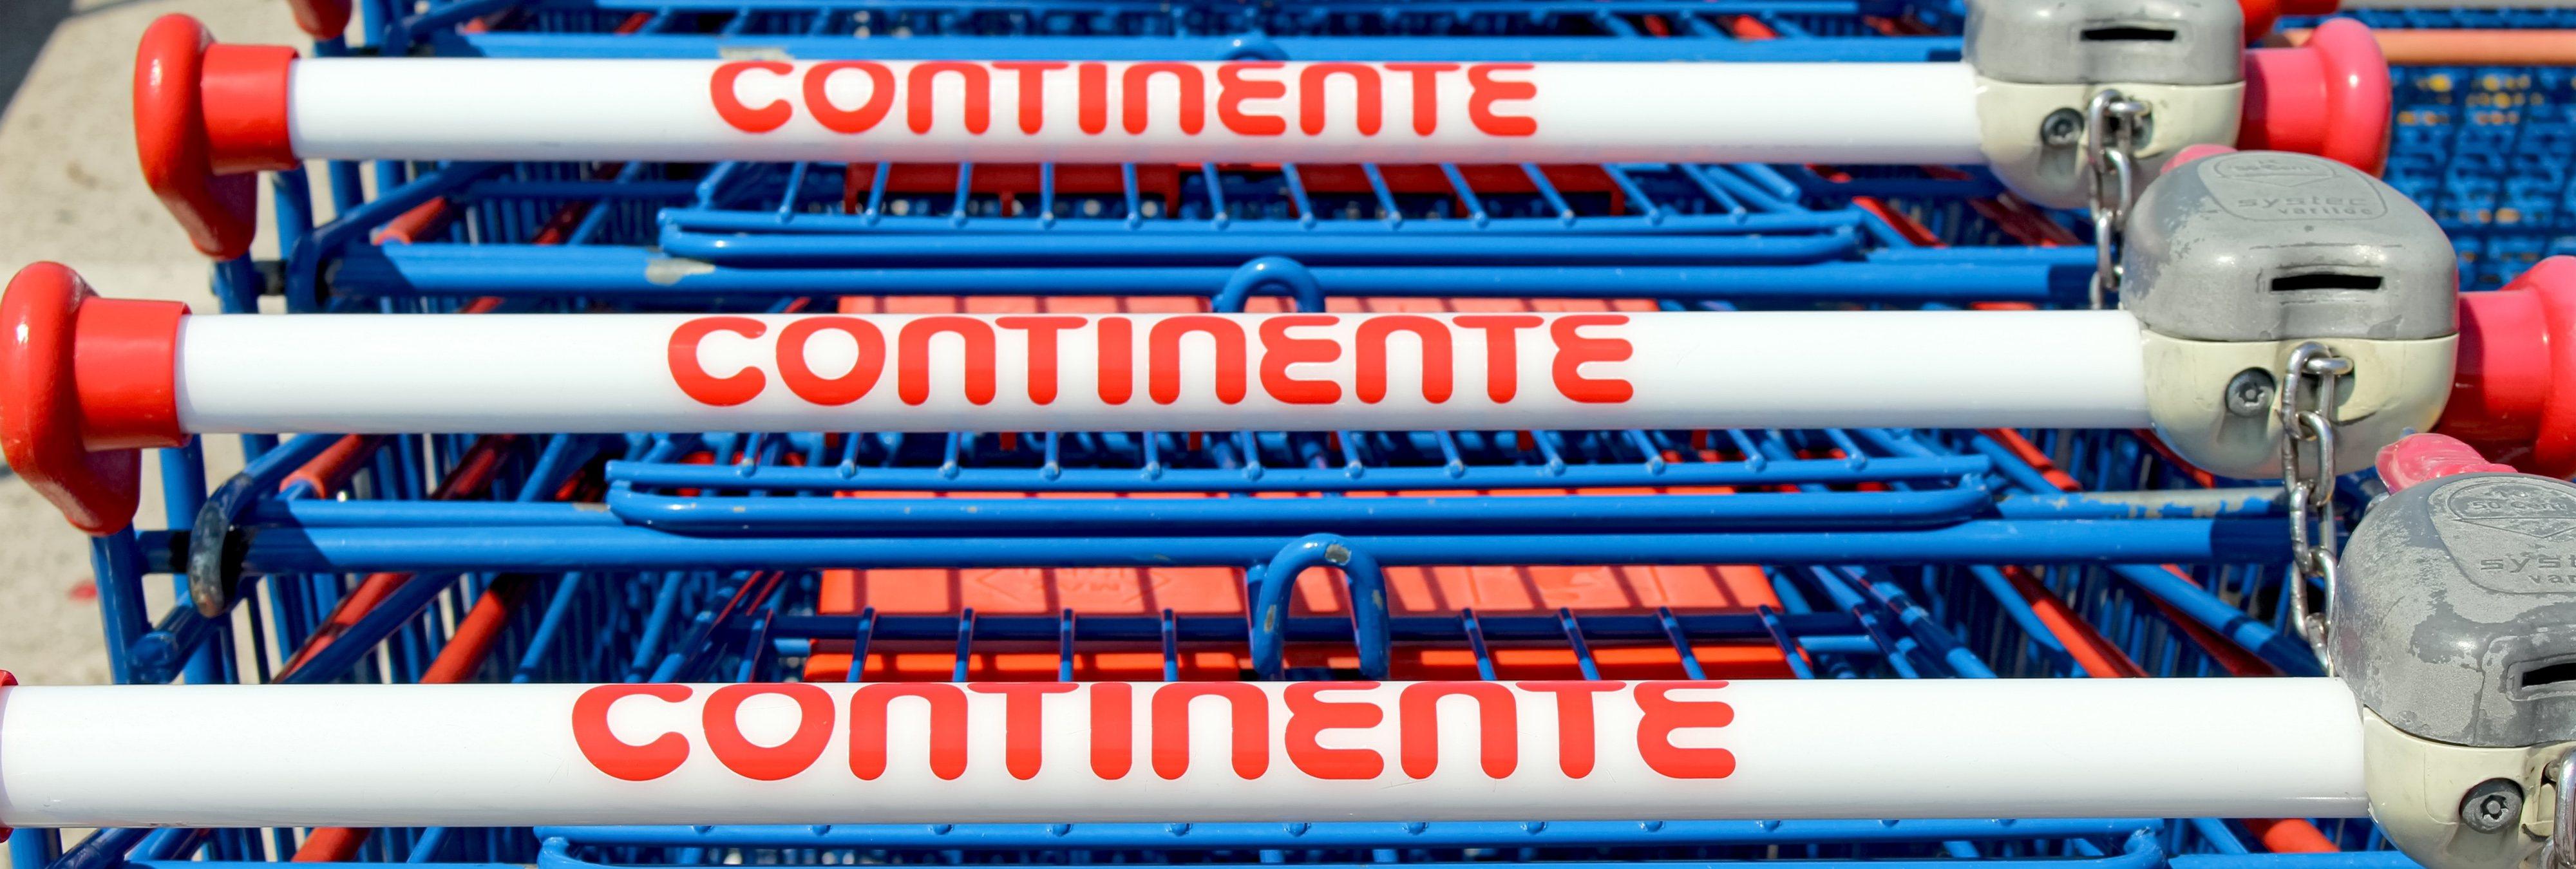 Los hipermercados Continente podrían volver a España en los próximos meses